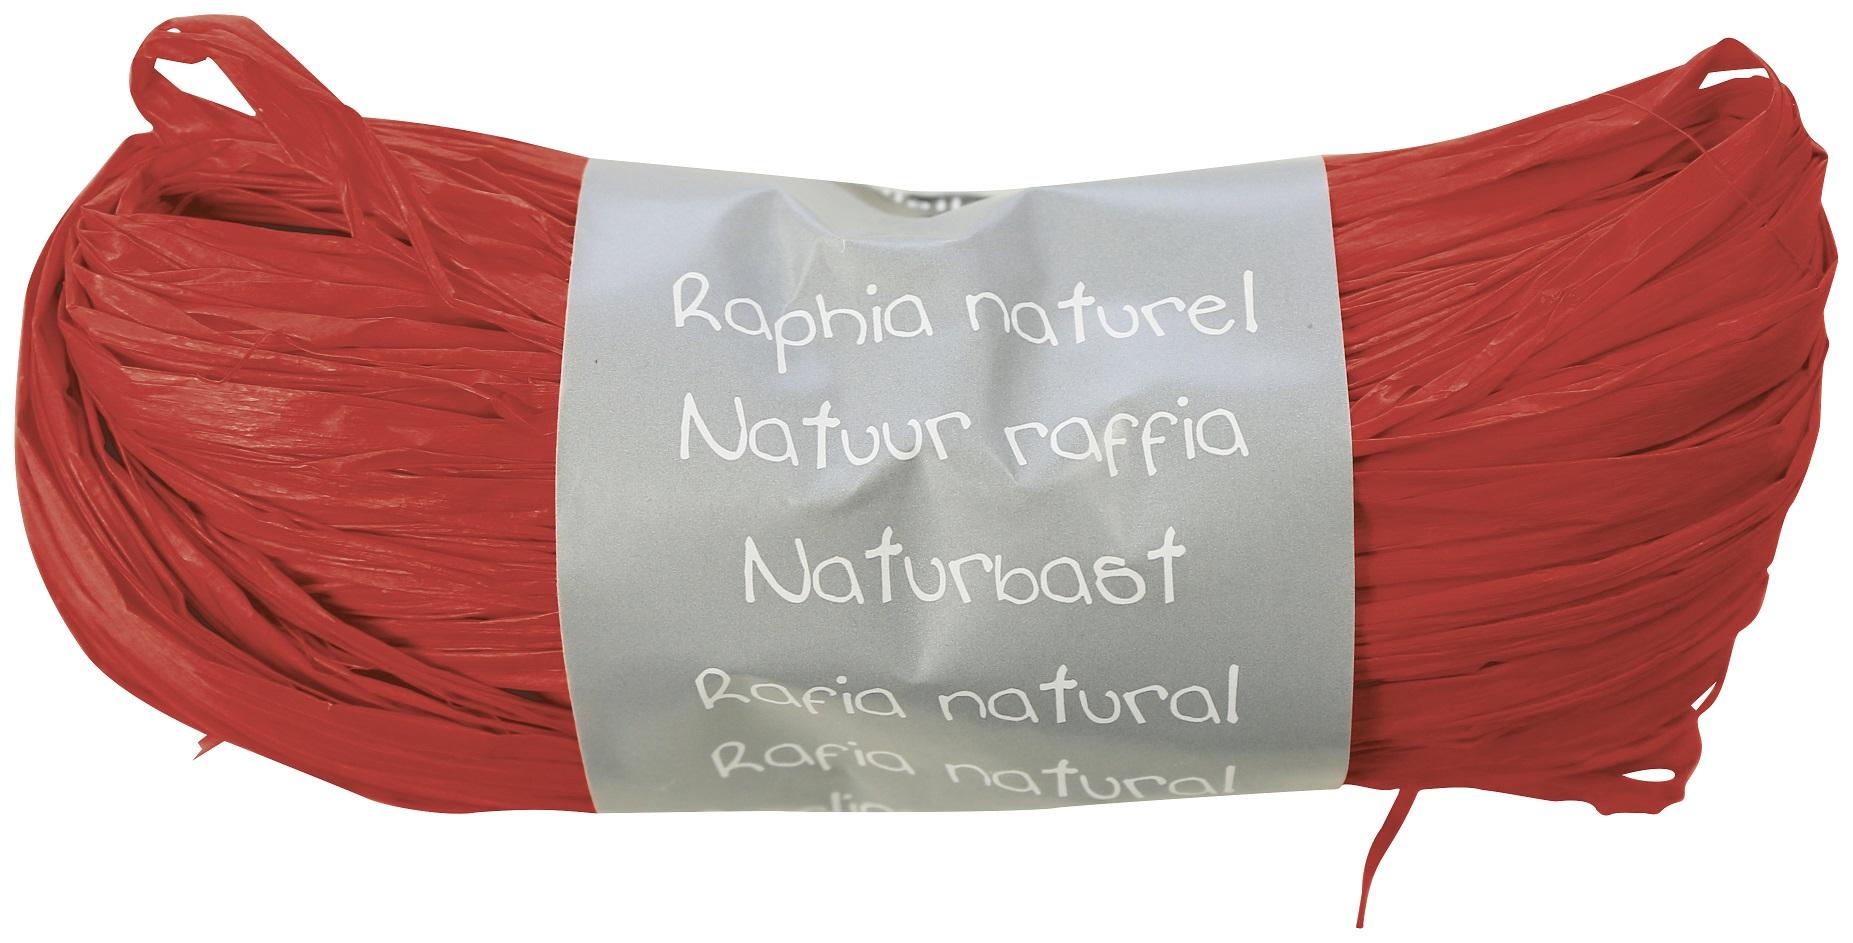 raphia rouge naturel